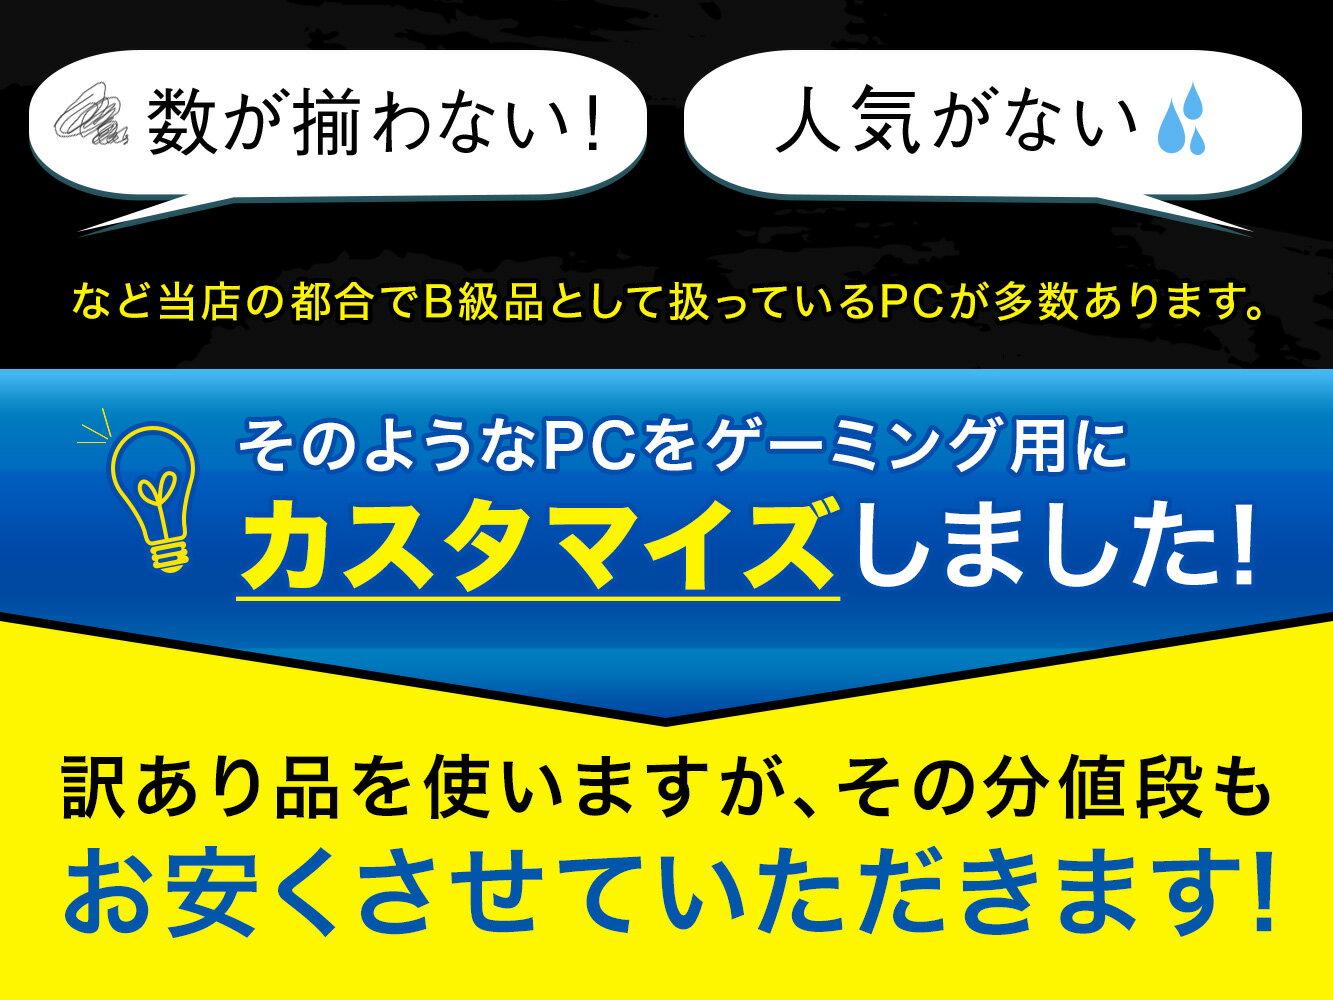 【期間限定!5%OFFクーポン配布中!】機種お...の紹介画像2